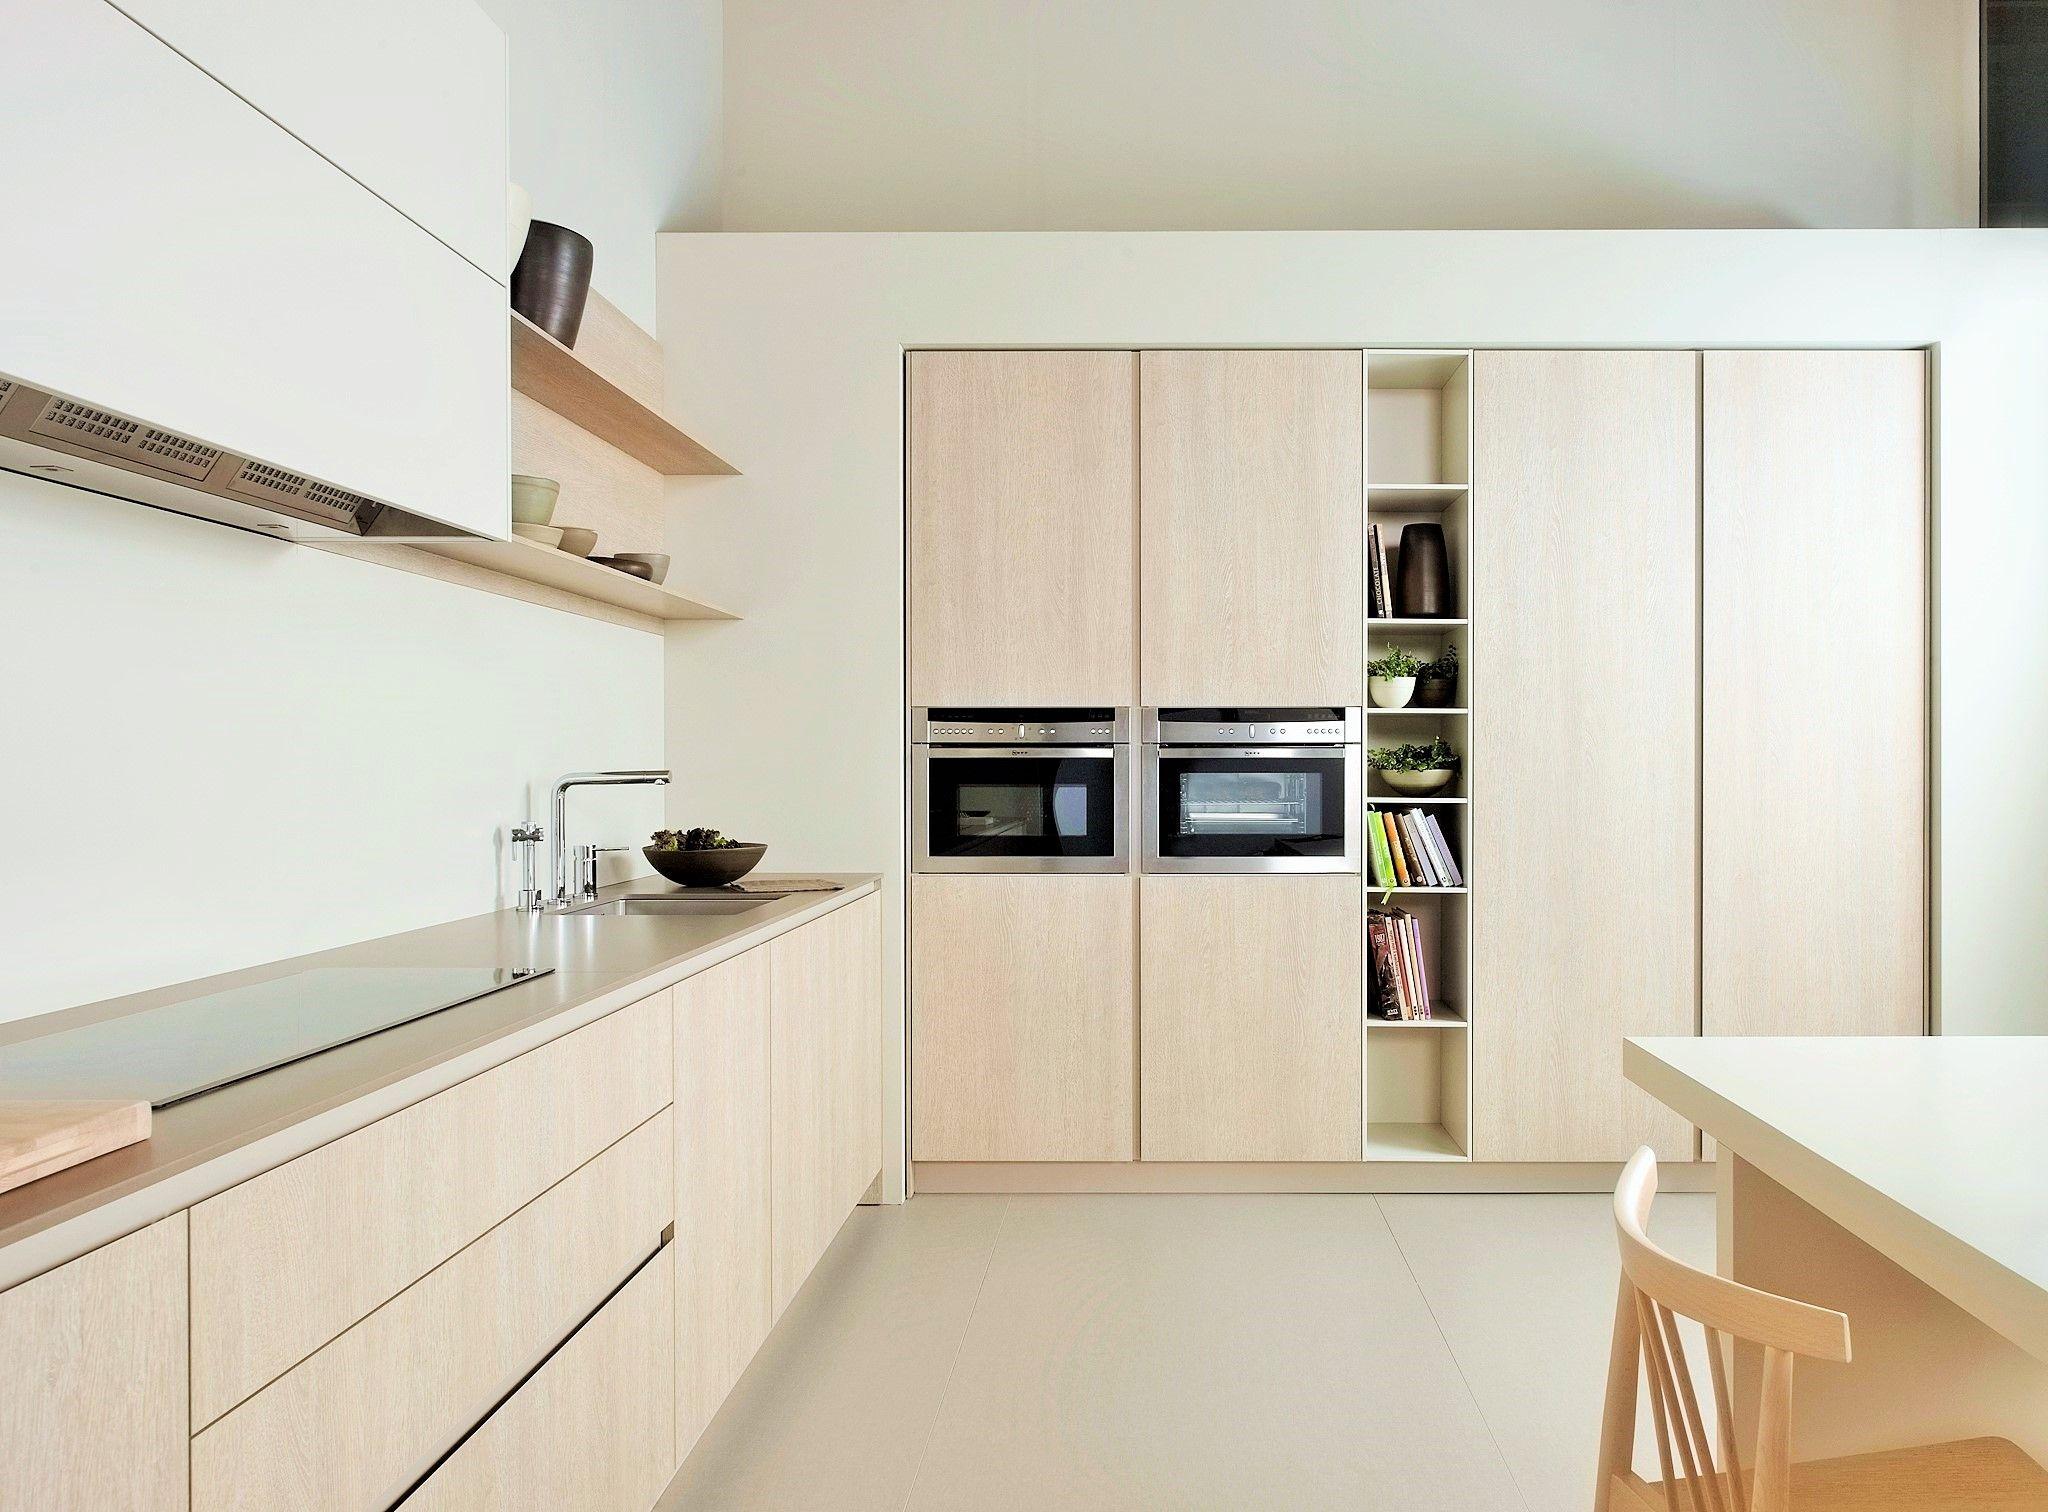 Cocinas dise adas en linea casa dise o for Cocinas en linea